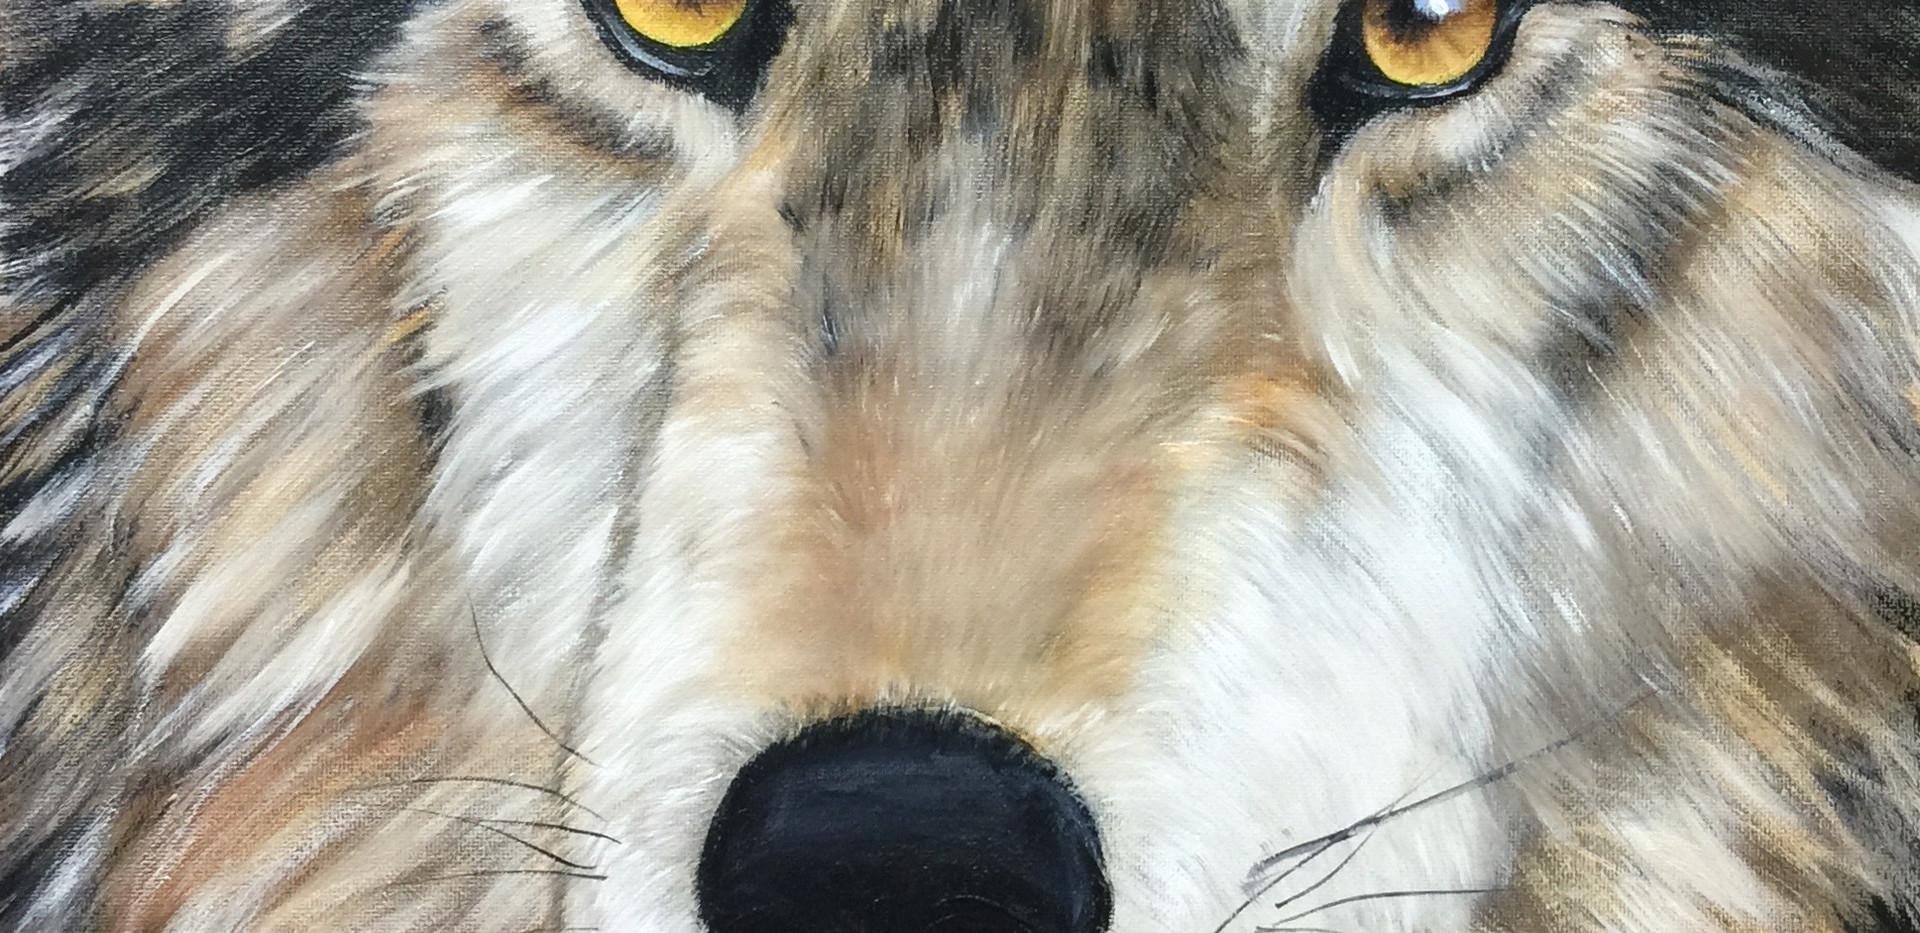 Wolfsgesicht